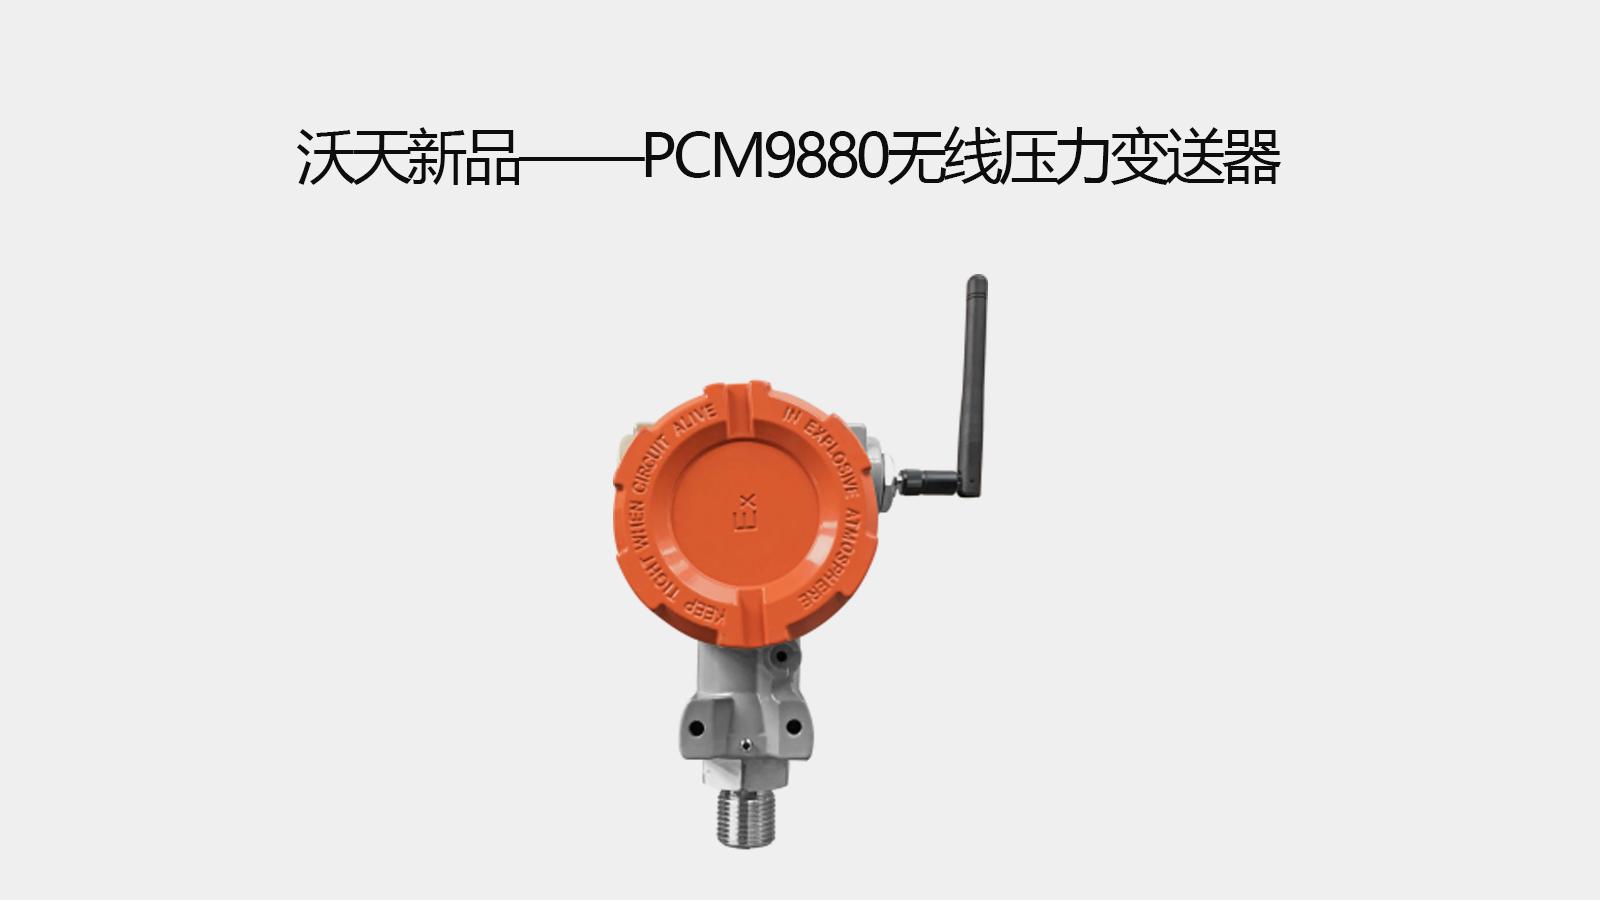 沃天新品——PCM9880 无线压力变送器